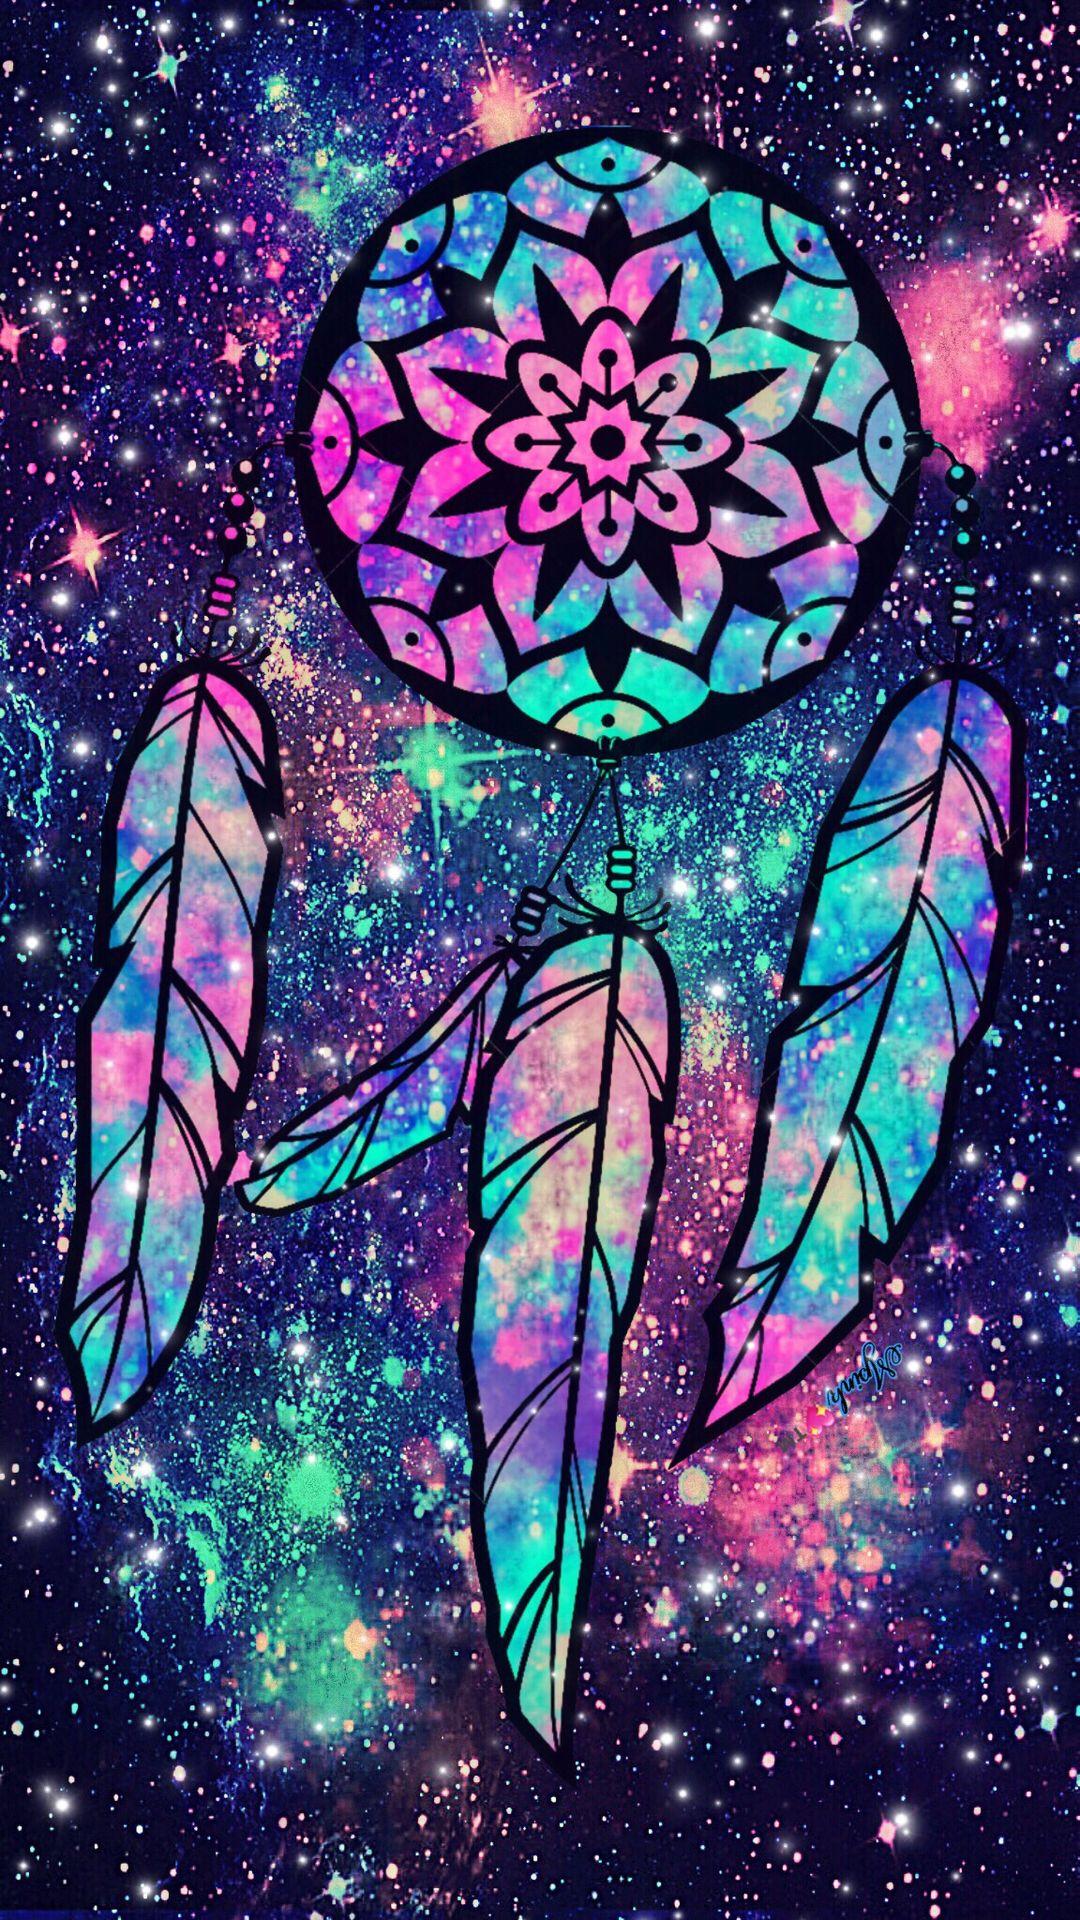 Midnight Dreamcatcher Galaxy Wallpaper androidwallpaper